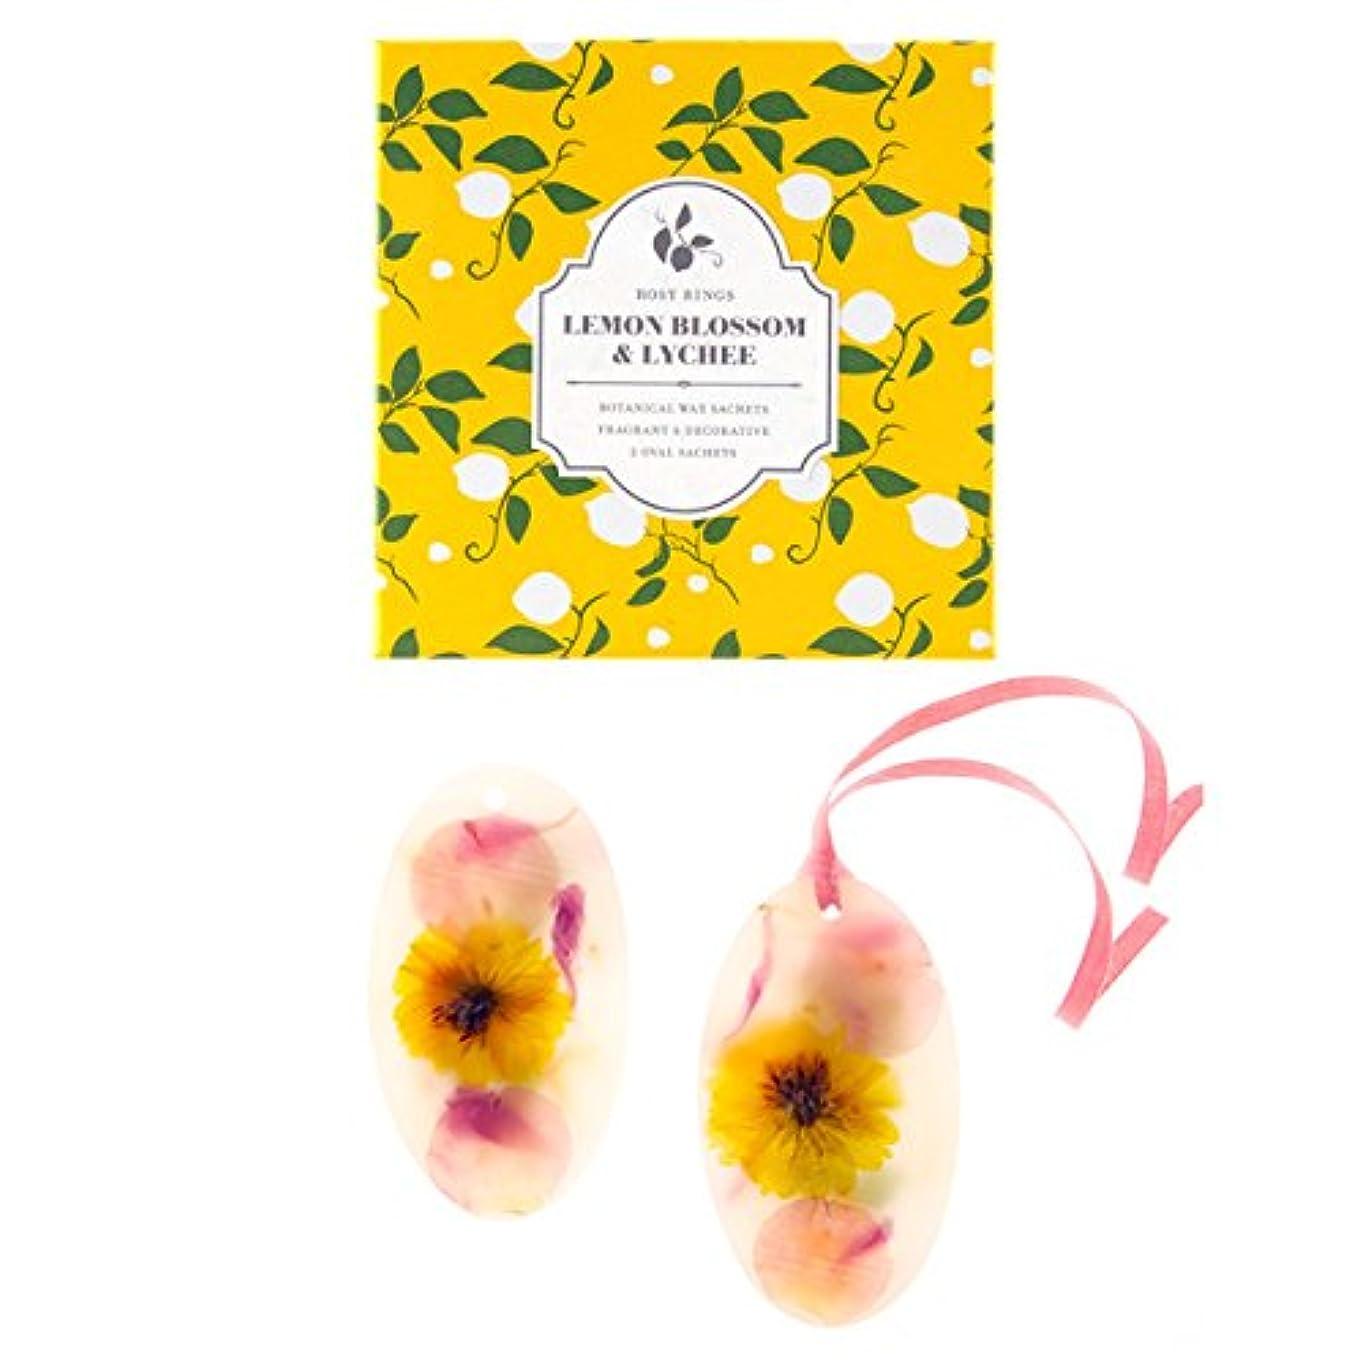 摩擦収束スマッシュロージーリングス ボタニカルワックスサシェ オーバル レモンブロッサム&ライチ ROSY RINGS Signature Collection Botanical Wax Sachets – Lemon Blossom...